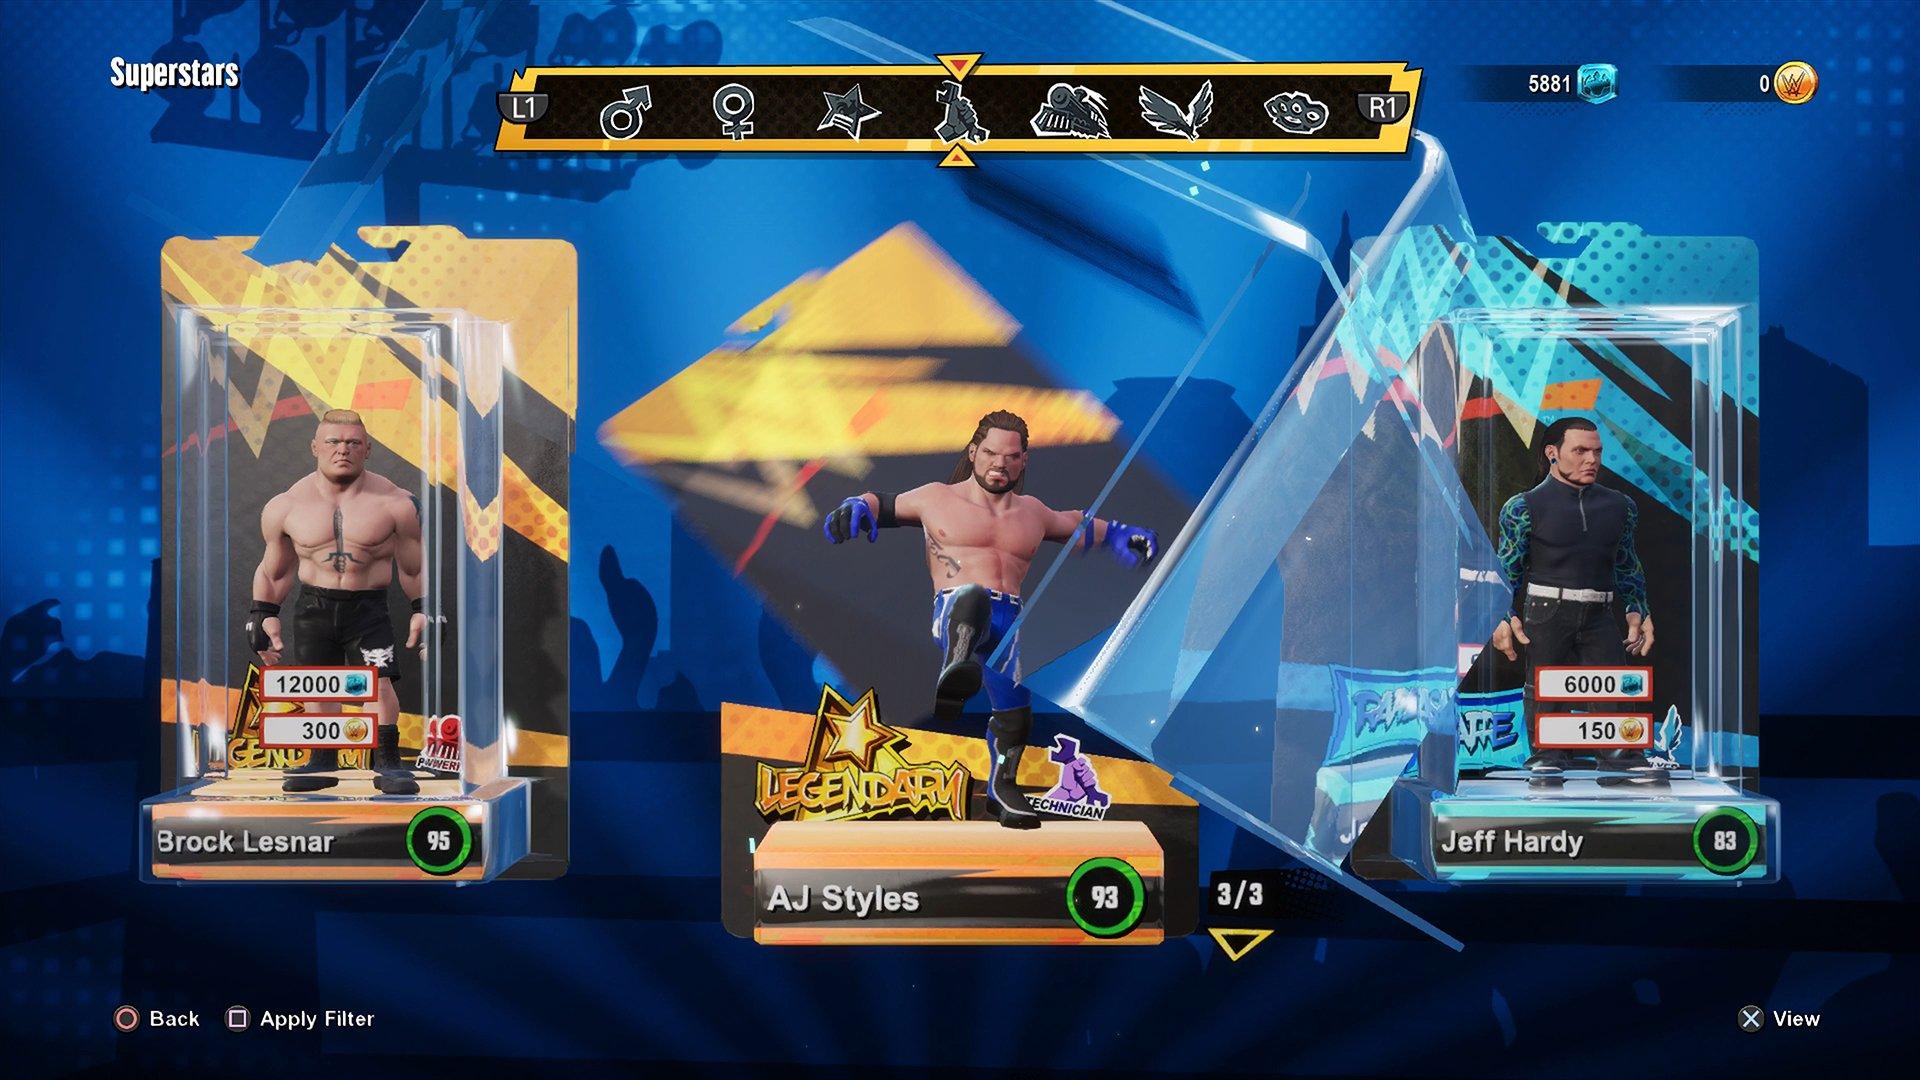 AJ Styles no selling his plastic box